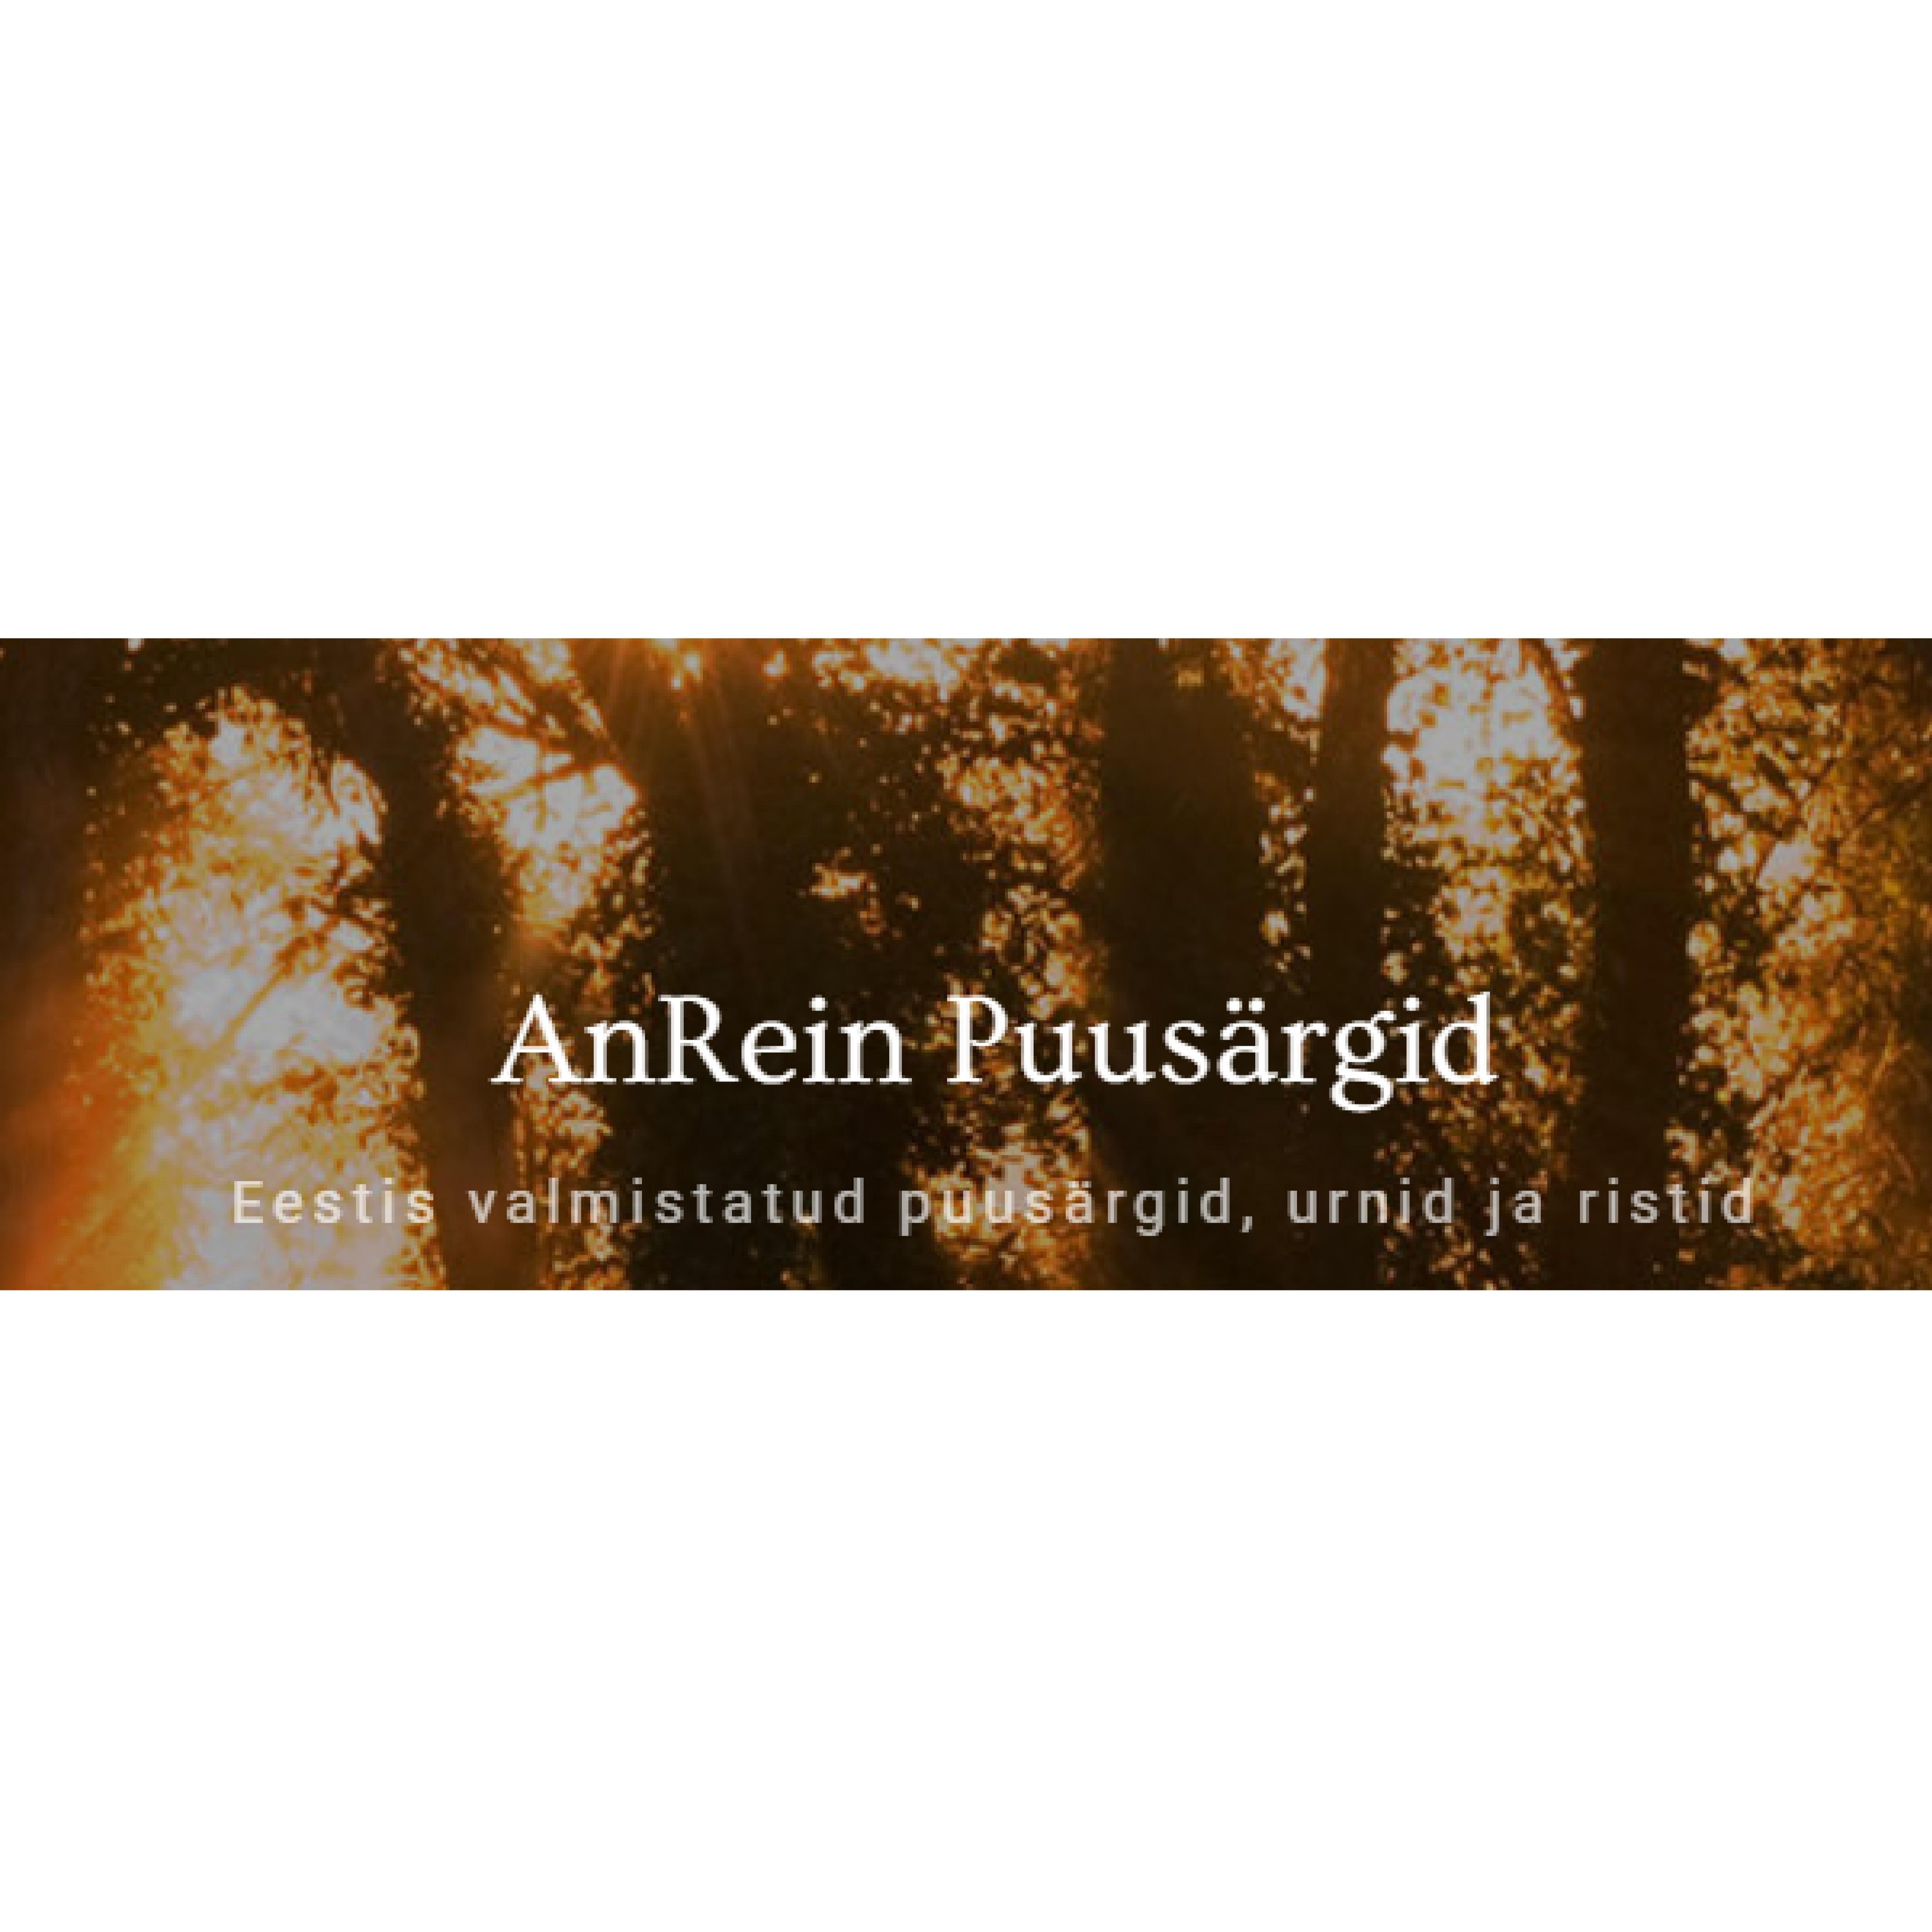 AnRein OÜ